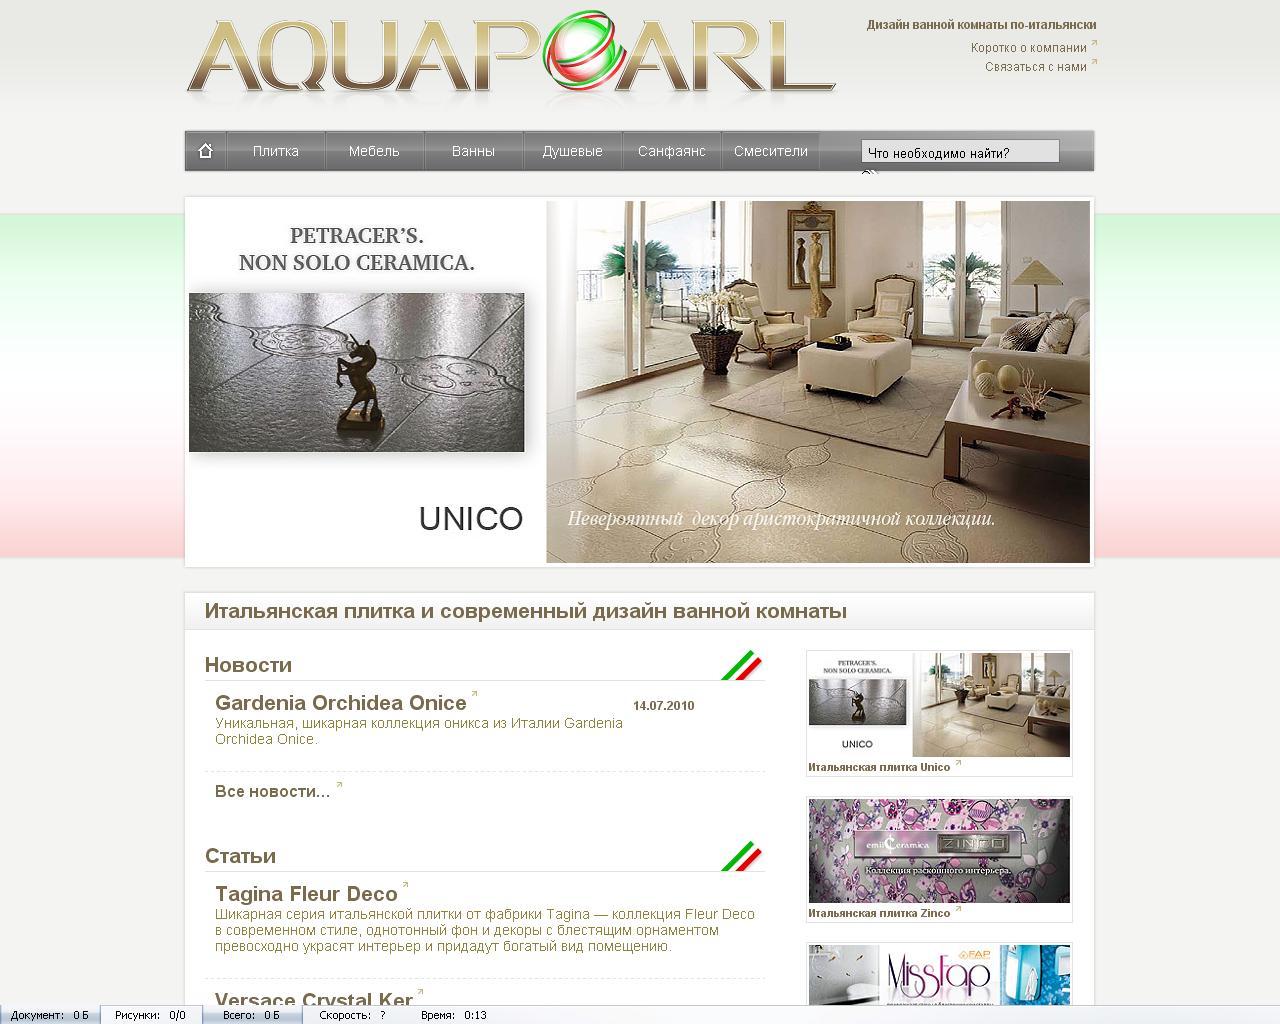 Итальянская плитка и современный дизайн ванной комнаты